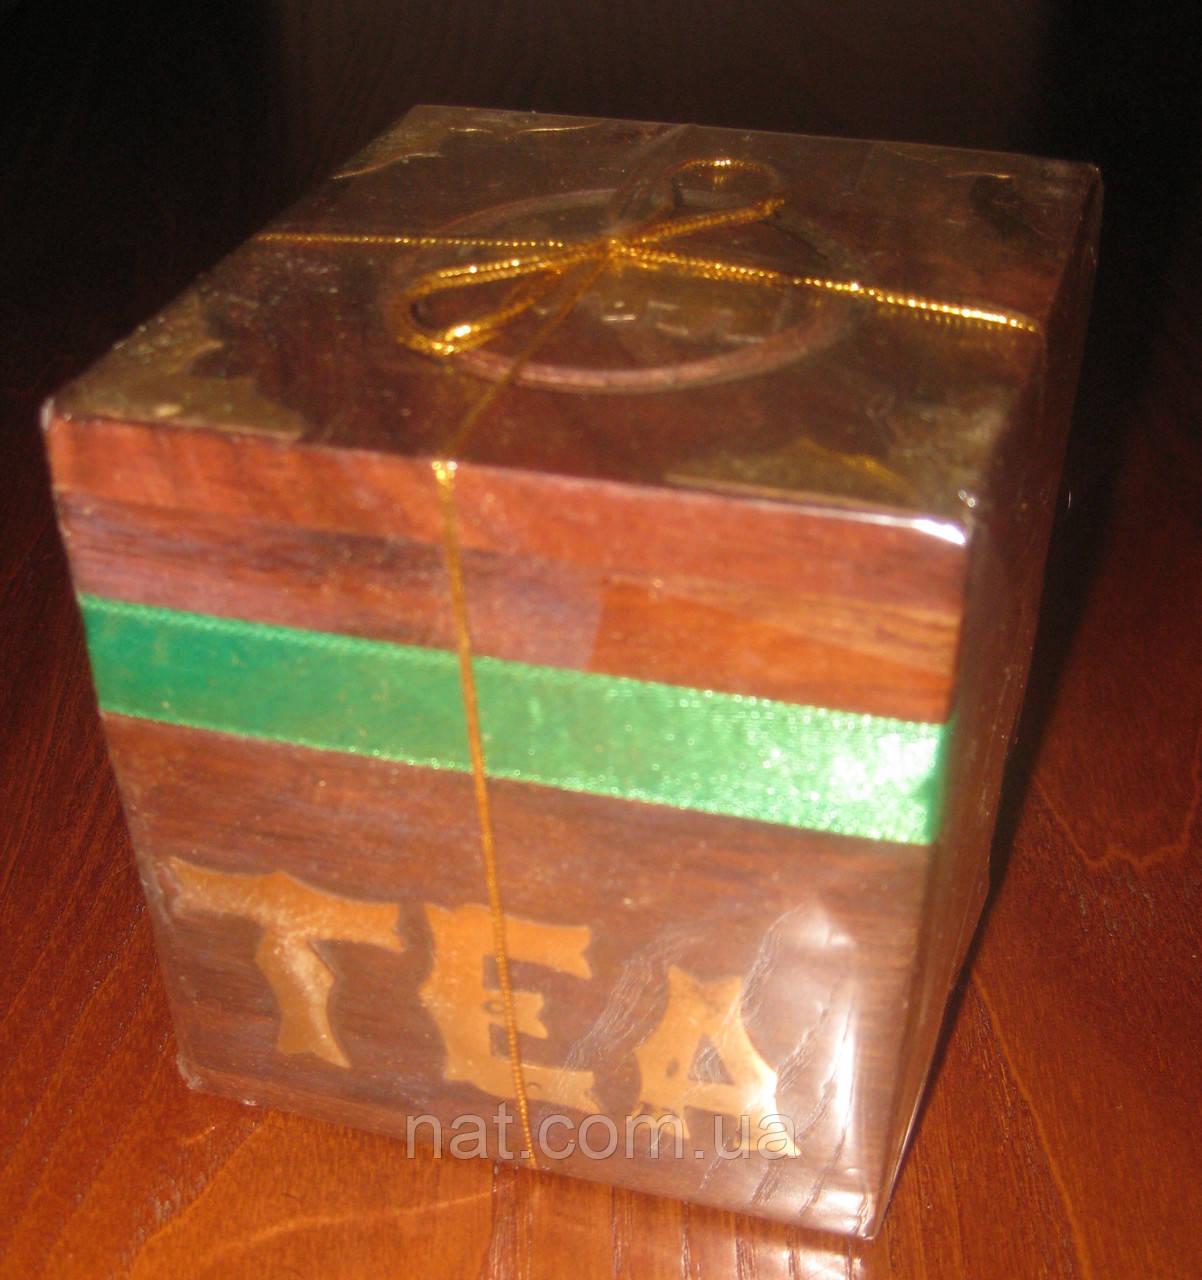 Индийский чай в сувенирной коробке